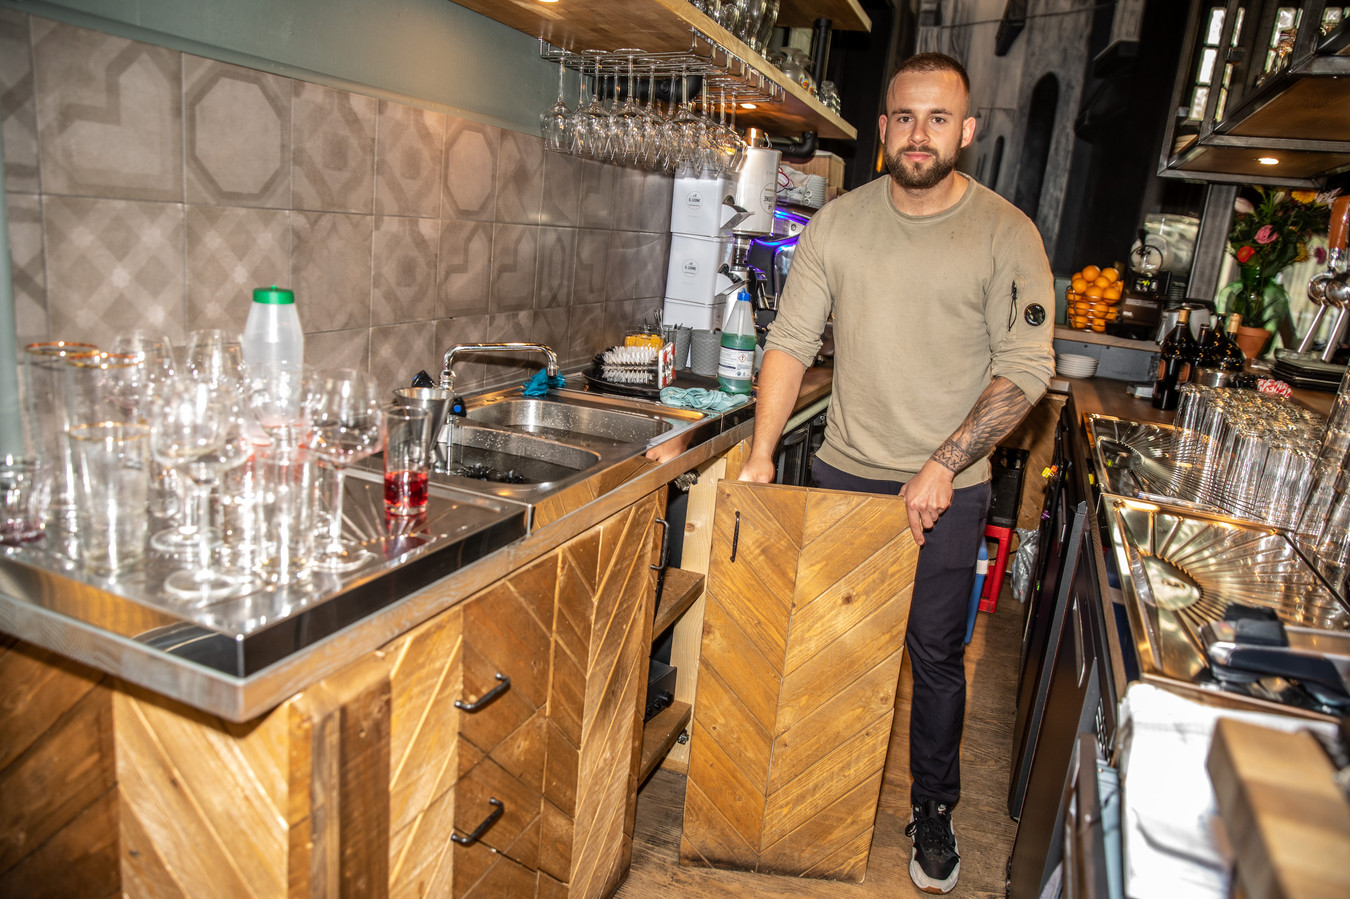 Bjorn Parrella, restauranthouder van La Terra Italiana met één van de deurtjes in zijn handen die de inbreker tijdens één van de drie inbraken forceerde. De meeste schade is inmiddels alweer hersteld.